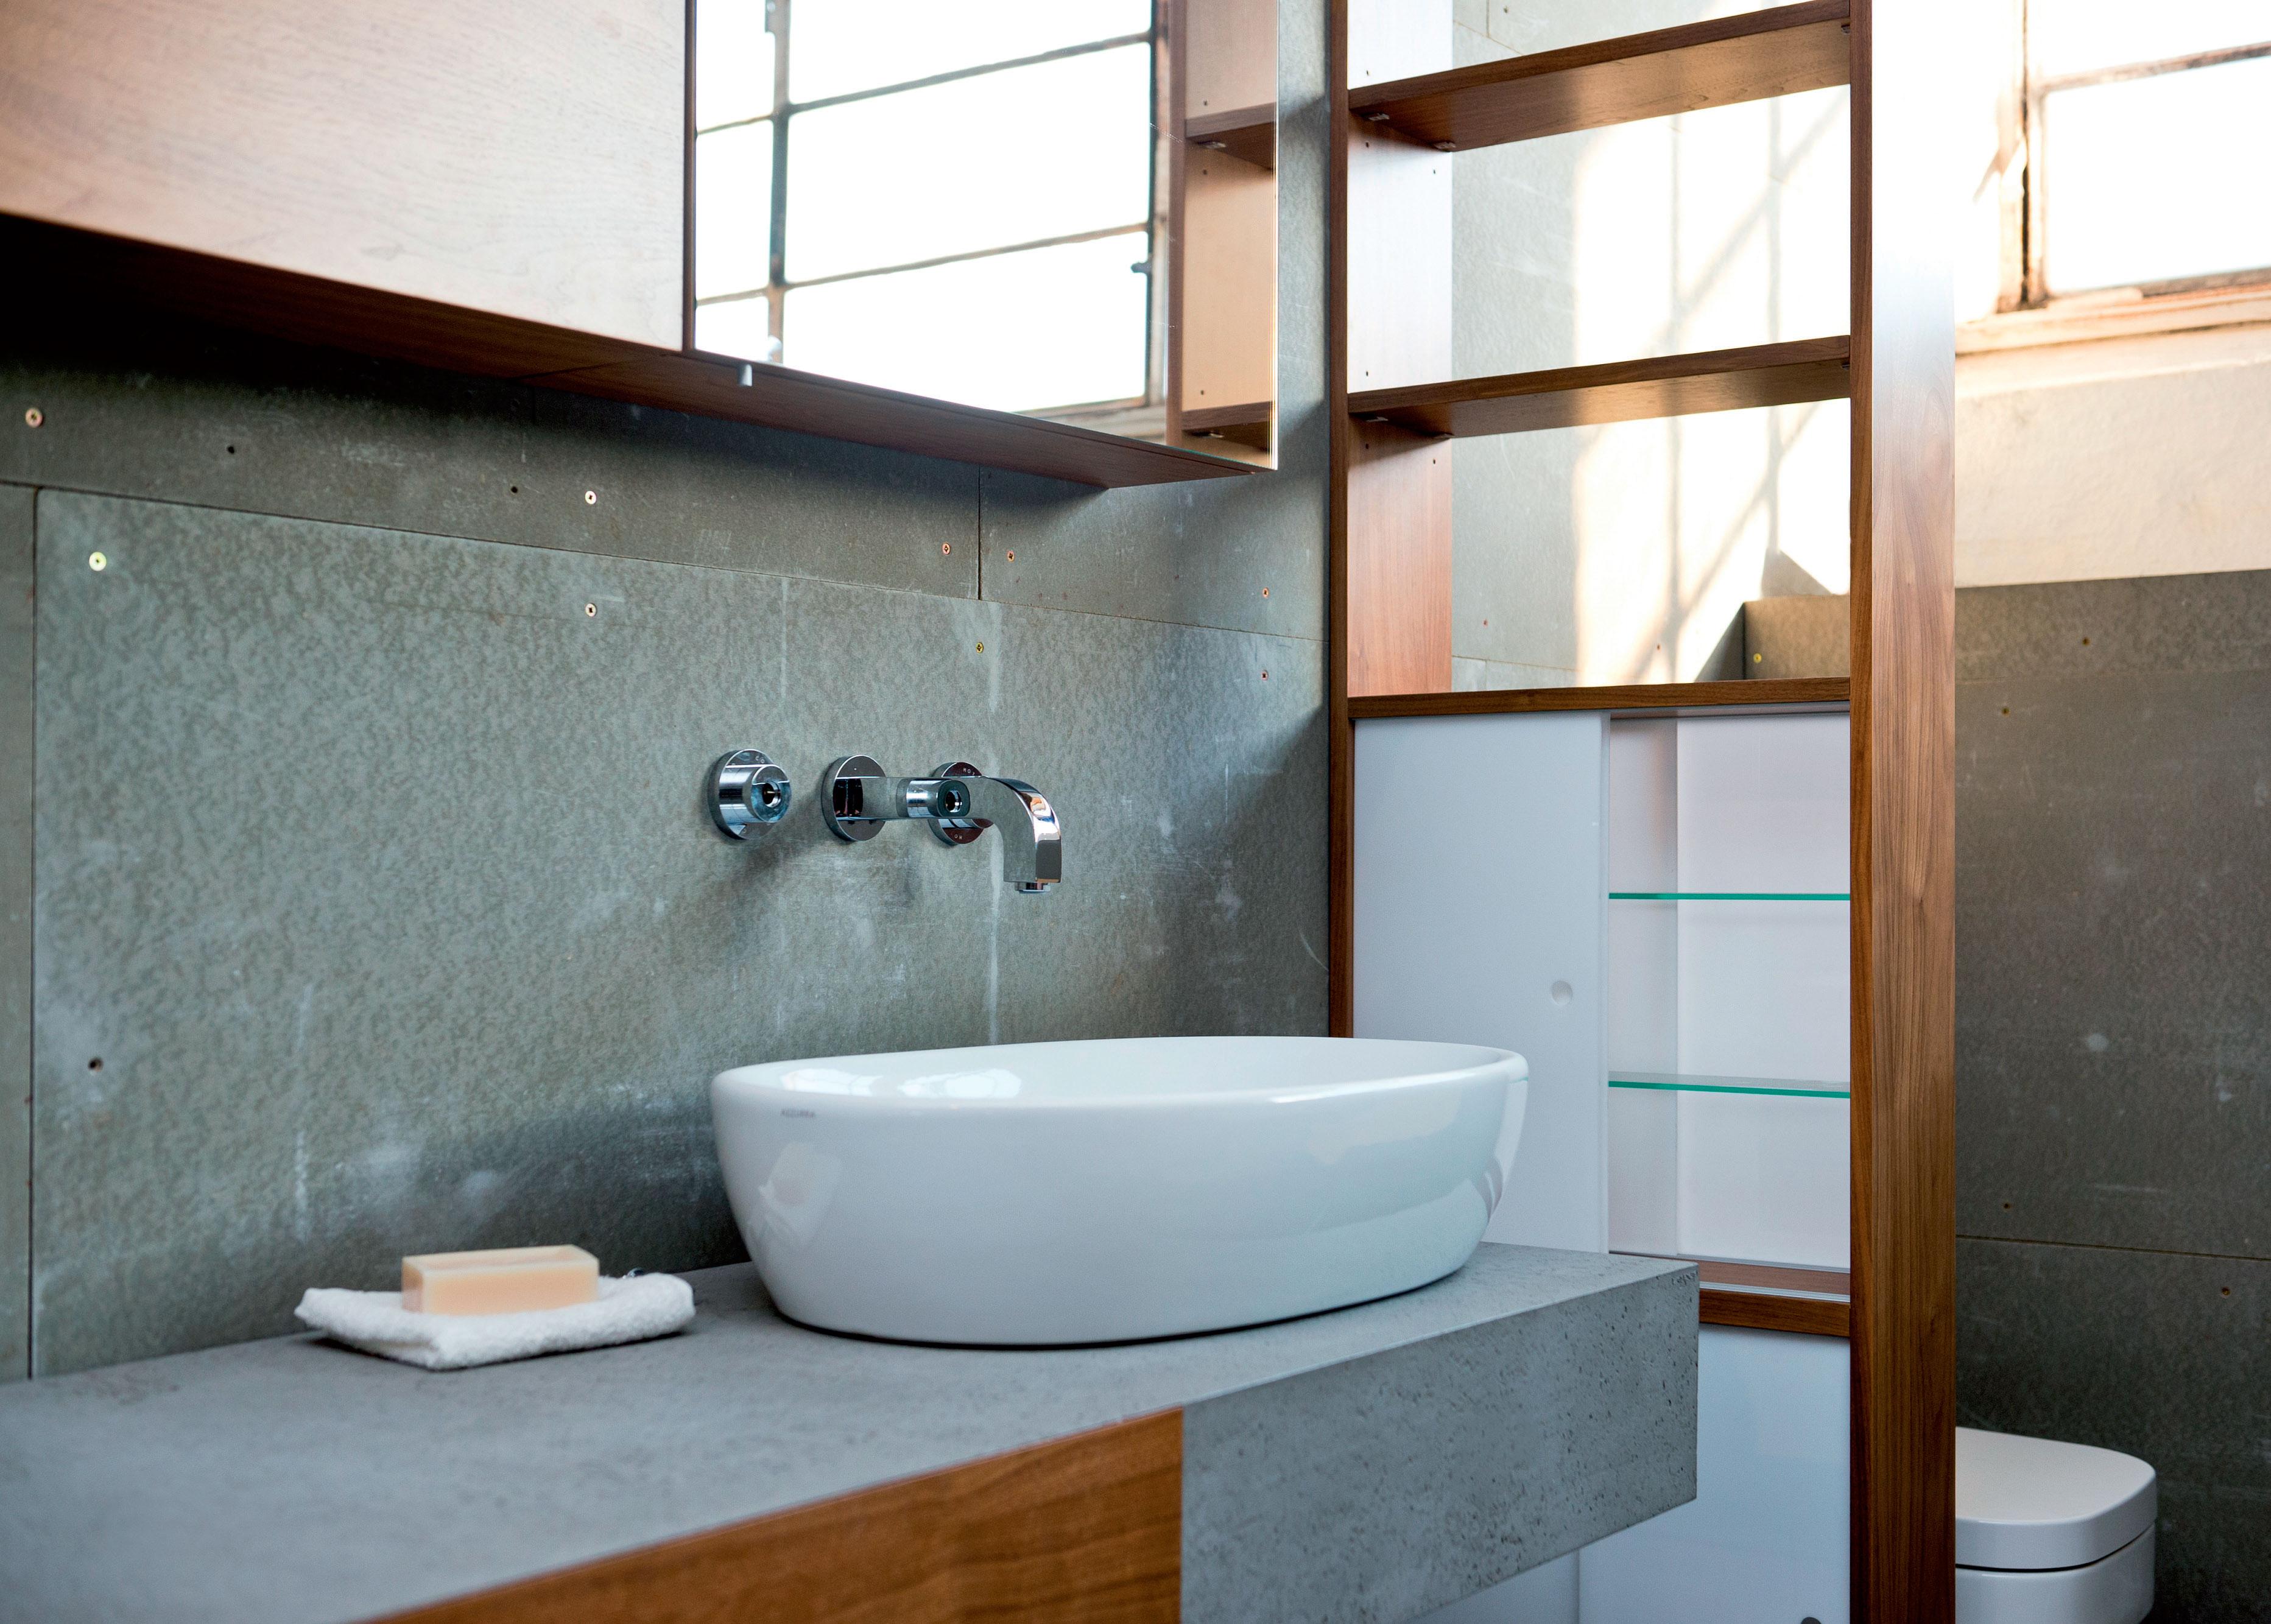 Trendy parete del bagno facilmente lavabile realizzata in resina with resina pareti bagno - Bagno in cemento resinato ...